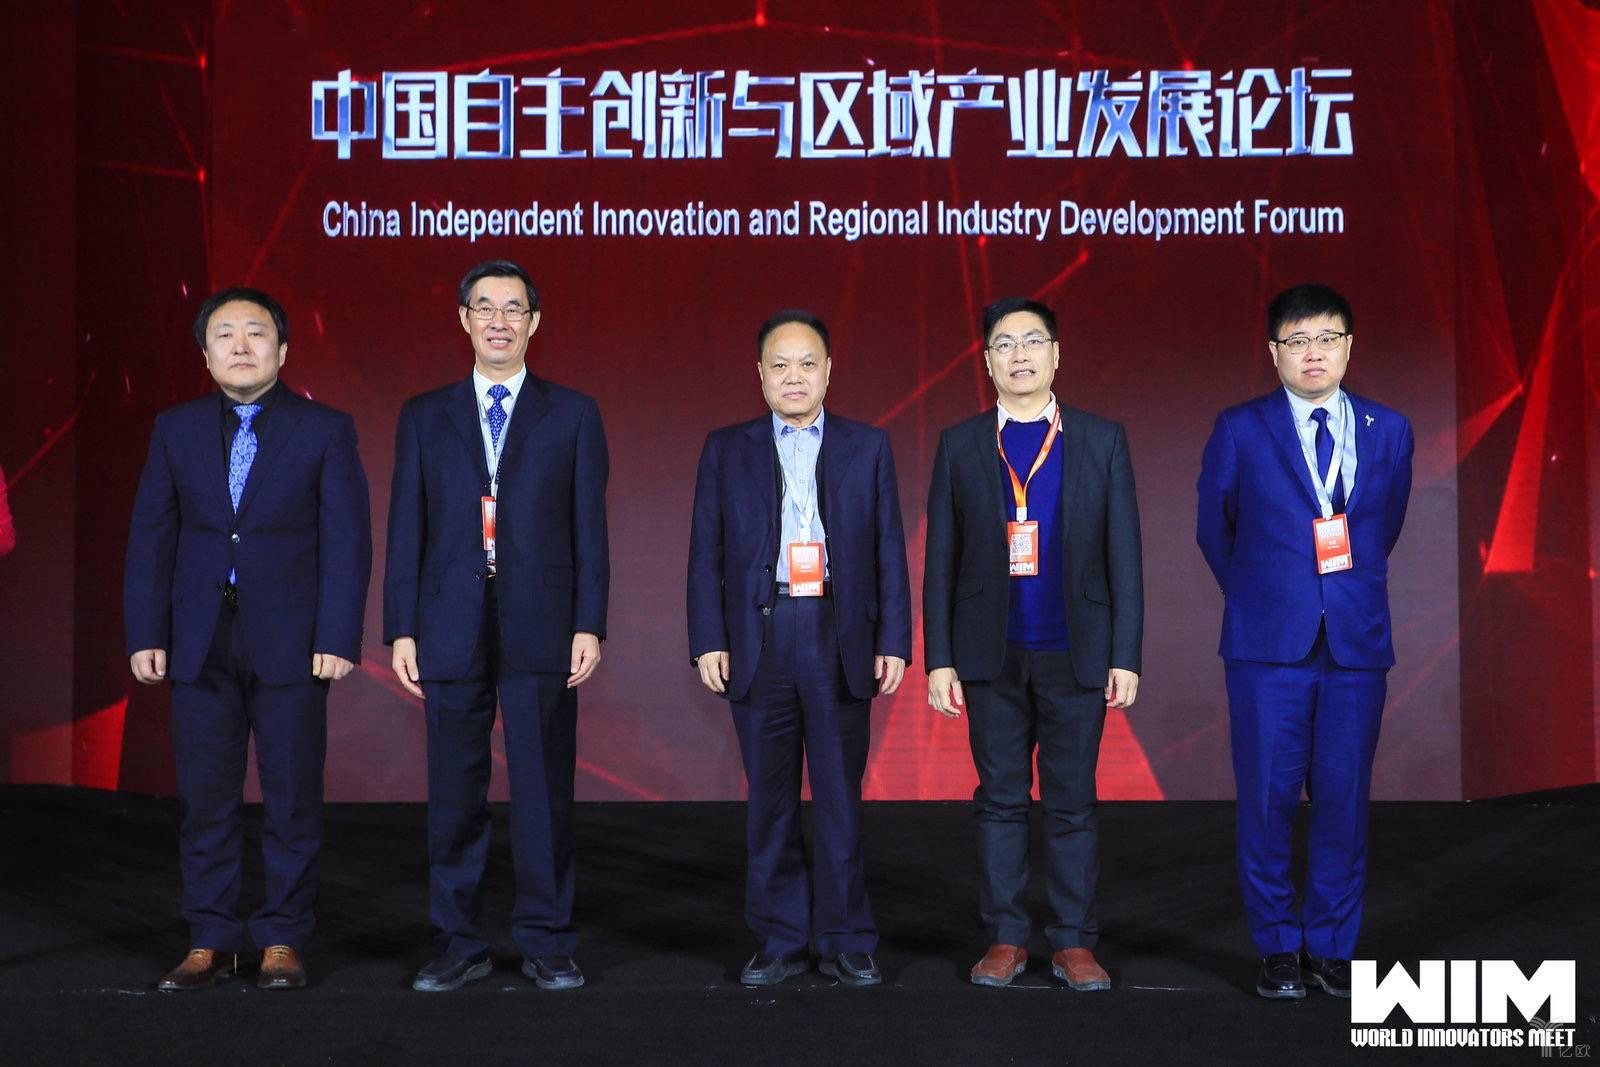 """""""中国自主创新与区域产业发展论坛""""启动仪式"""